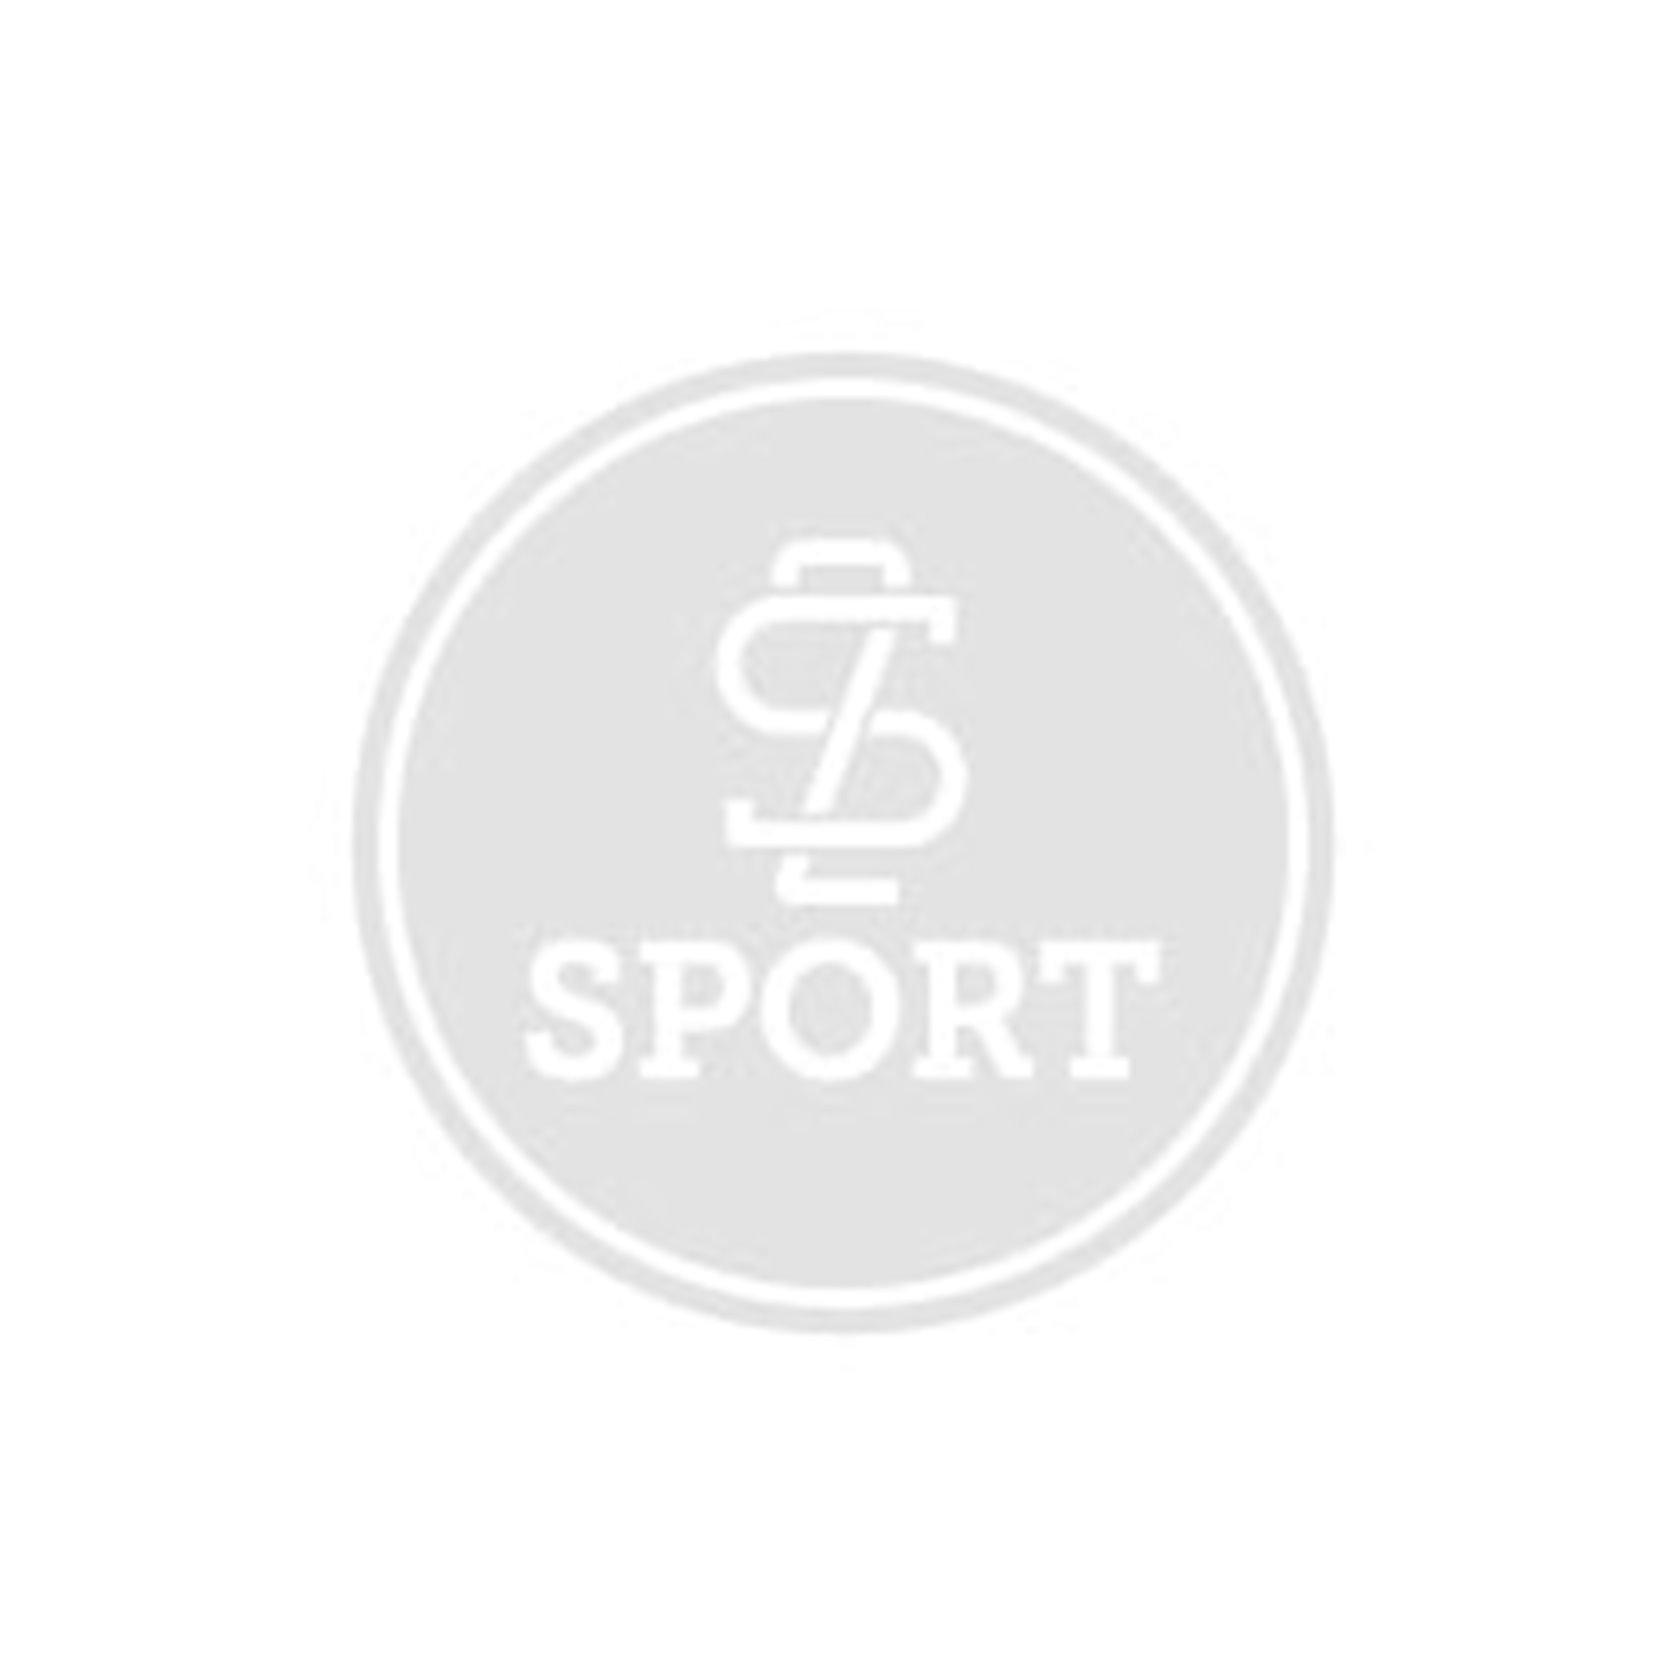 Ağır atletika üçün əlcəklər Toorx Suede and Lilac Micro Mesh AHF-029, Uniseks, Yapışqanlı kəmər, Zamşa/Dəri, Boz, Ölçü L